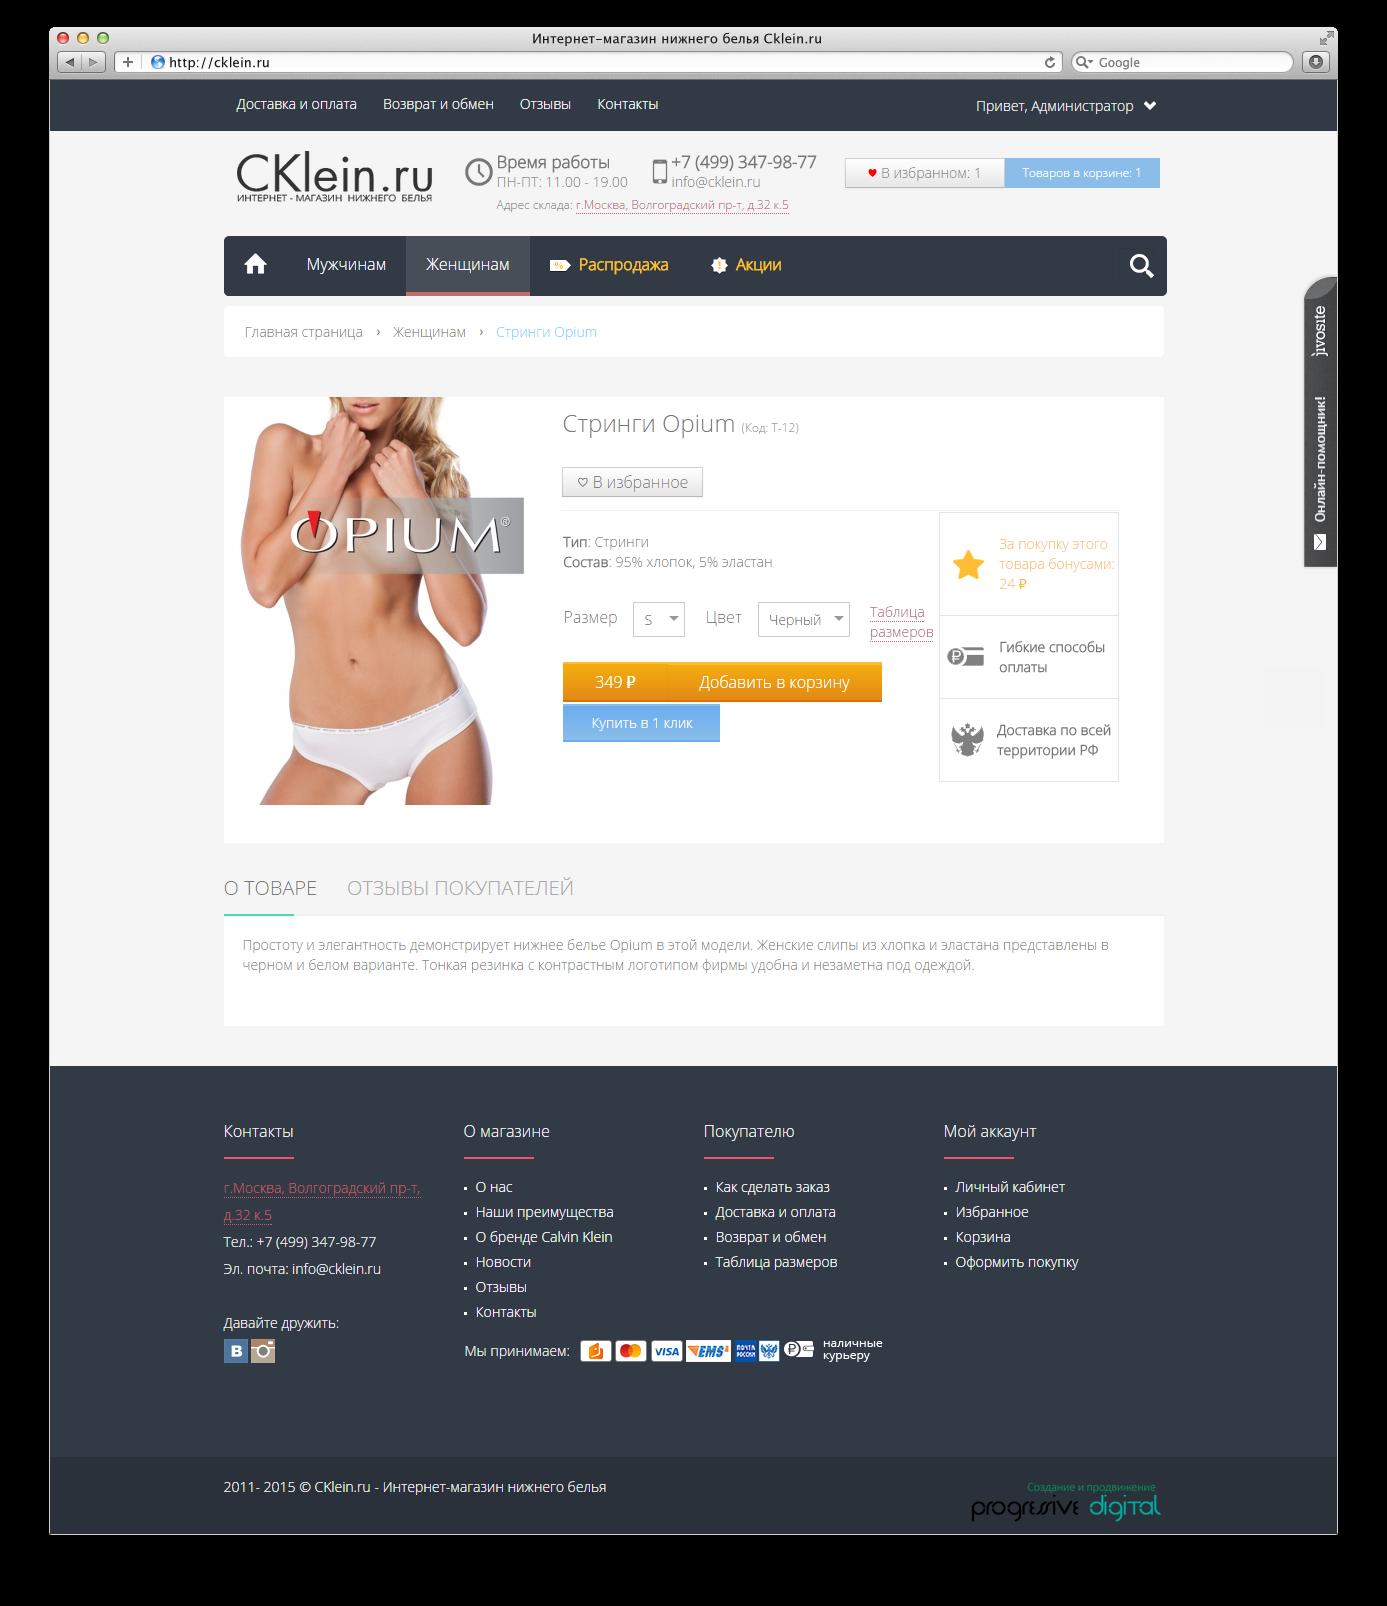 CKlein.ru (интернет-магазин, Joomla + JoomShopping)